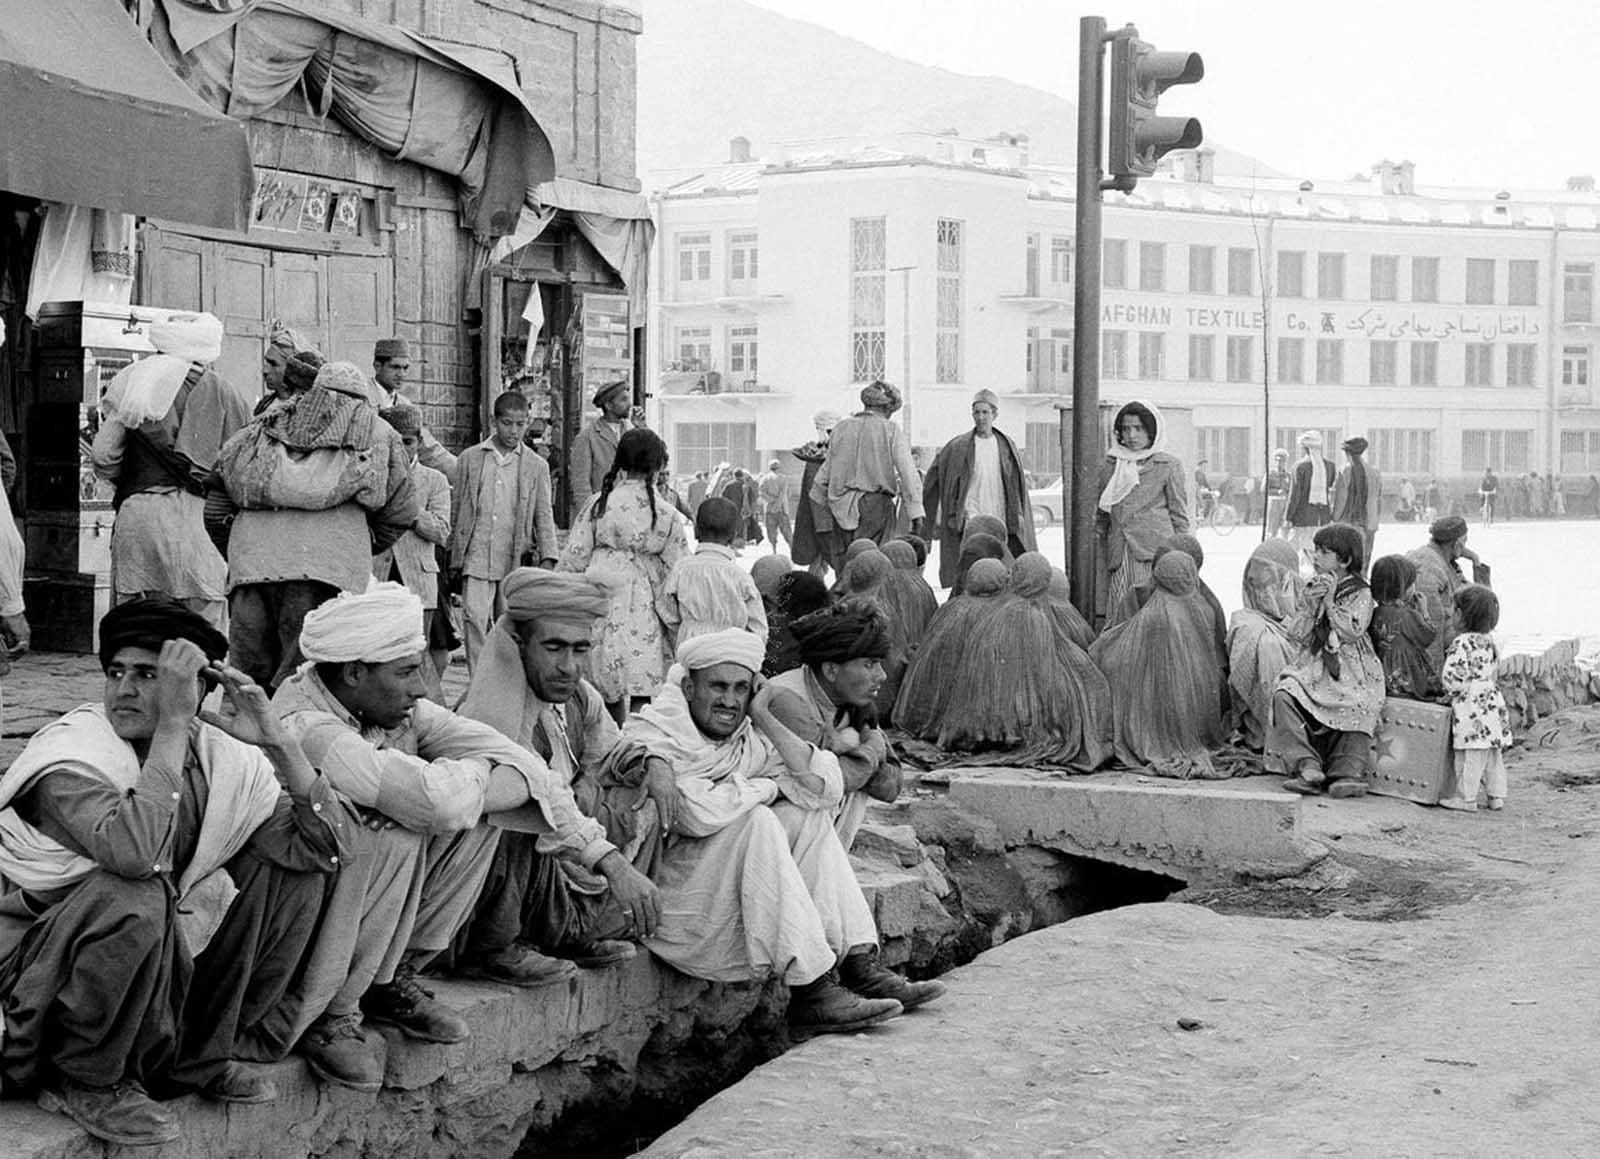 Un moderno semáforo se encuentra incongruentemente en medio de mujeres vestidas de burka que se sientan en una esquina de la calle Kabul con la espalda a sus hombres el 25 de mayo de 1964.